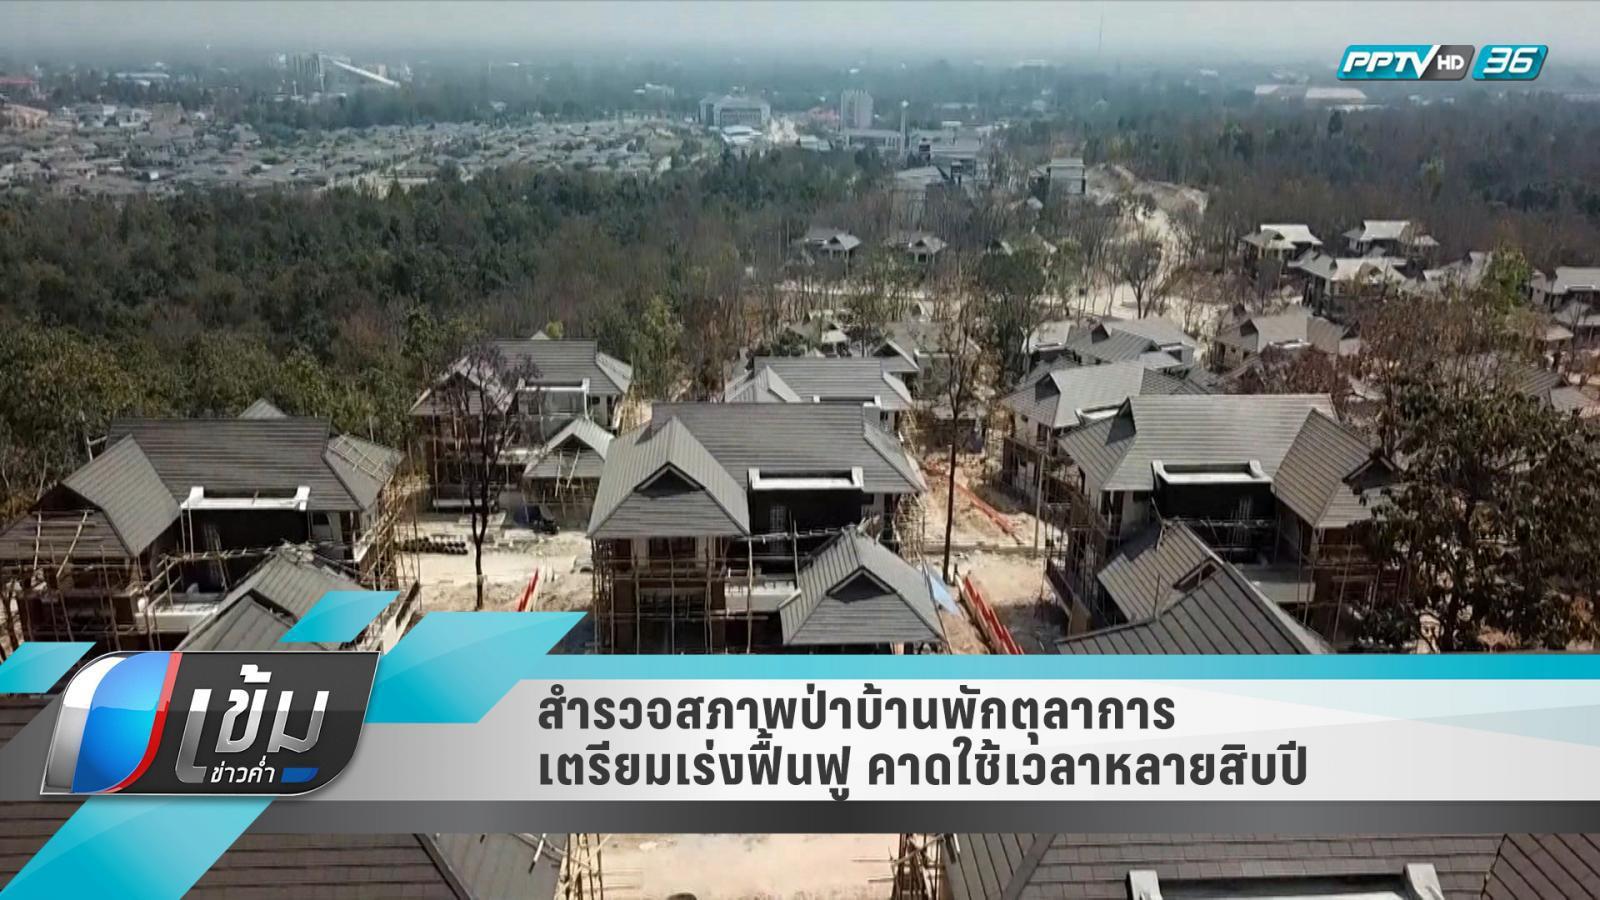 สำรวจสภาพป่าบ้านพักตุลาการ เตรียมเร่งฟื้นฟู คาดใช้เวลาหลายสิบปี